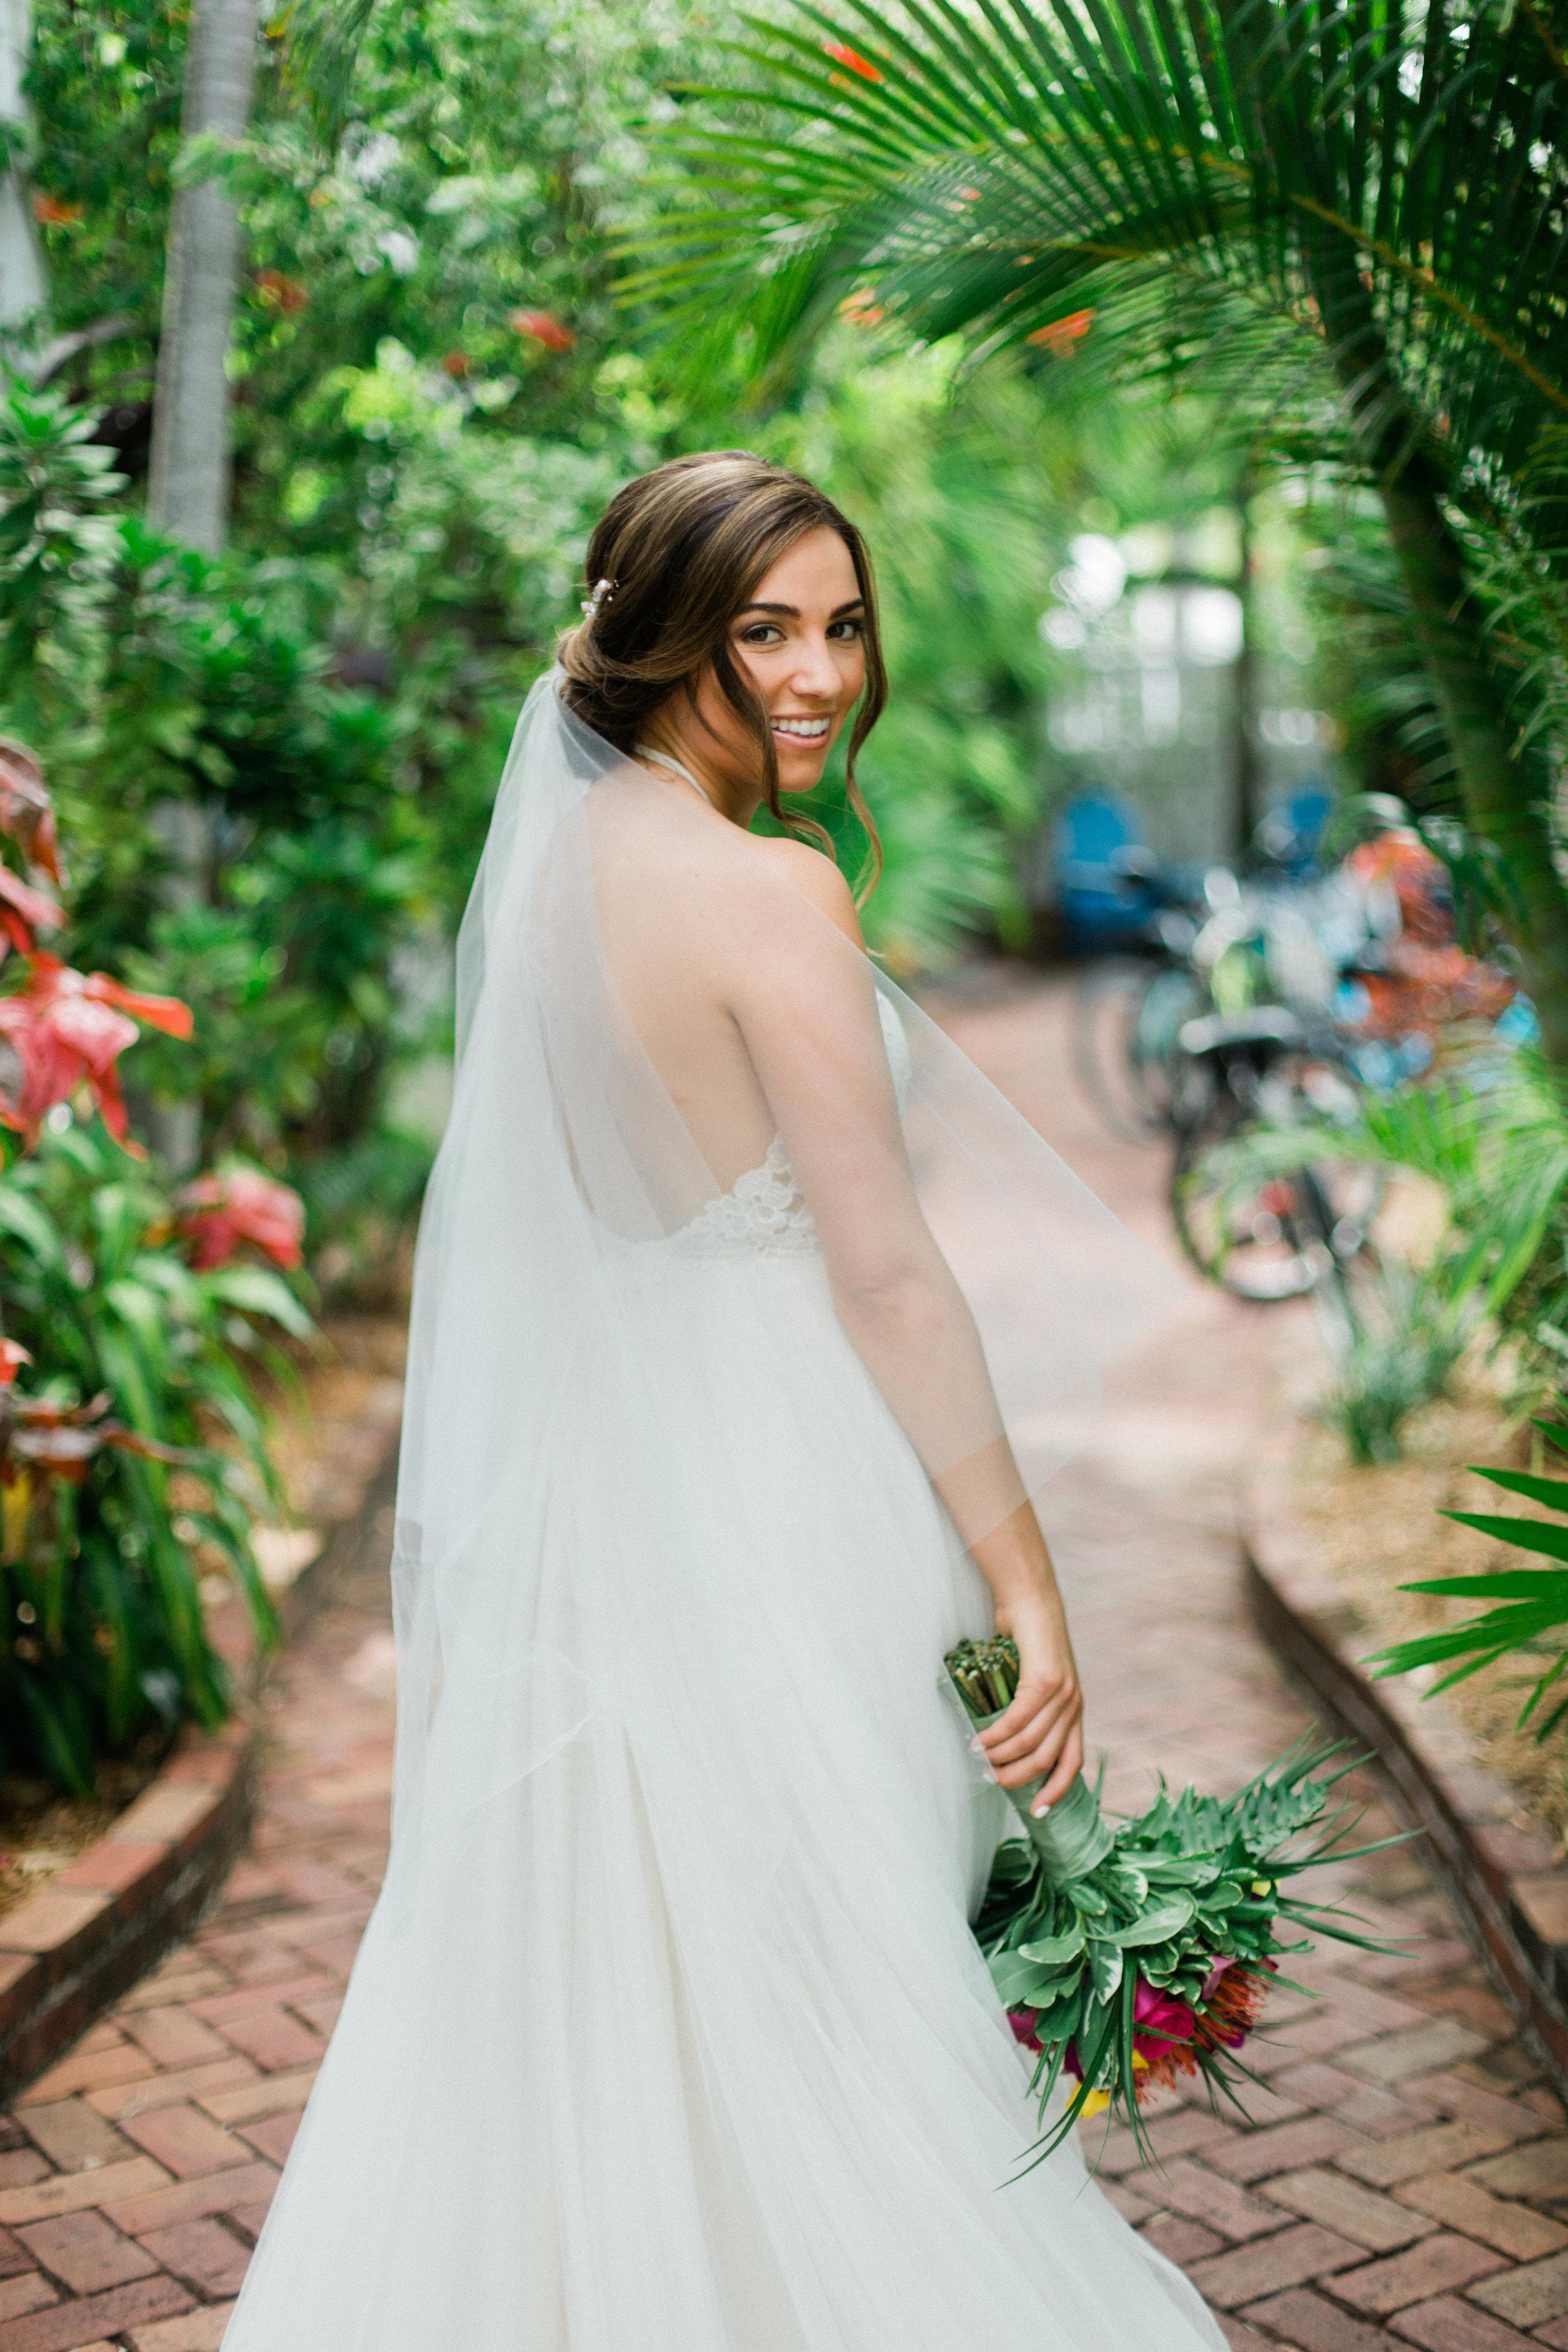 wedding-dress-honestly-though-phoebe-mcpherson